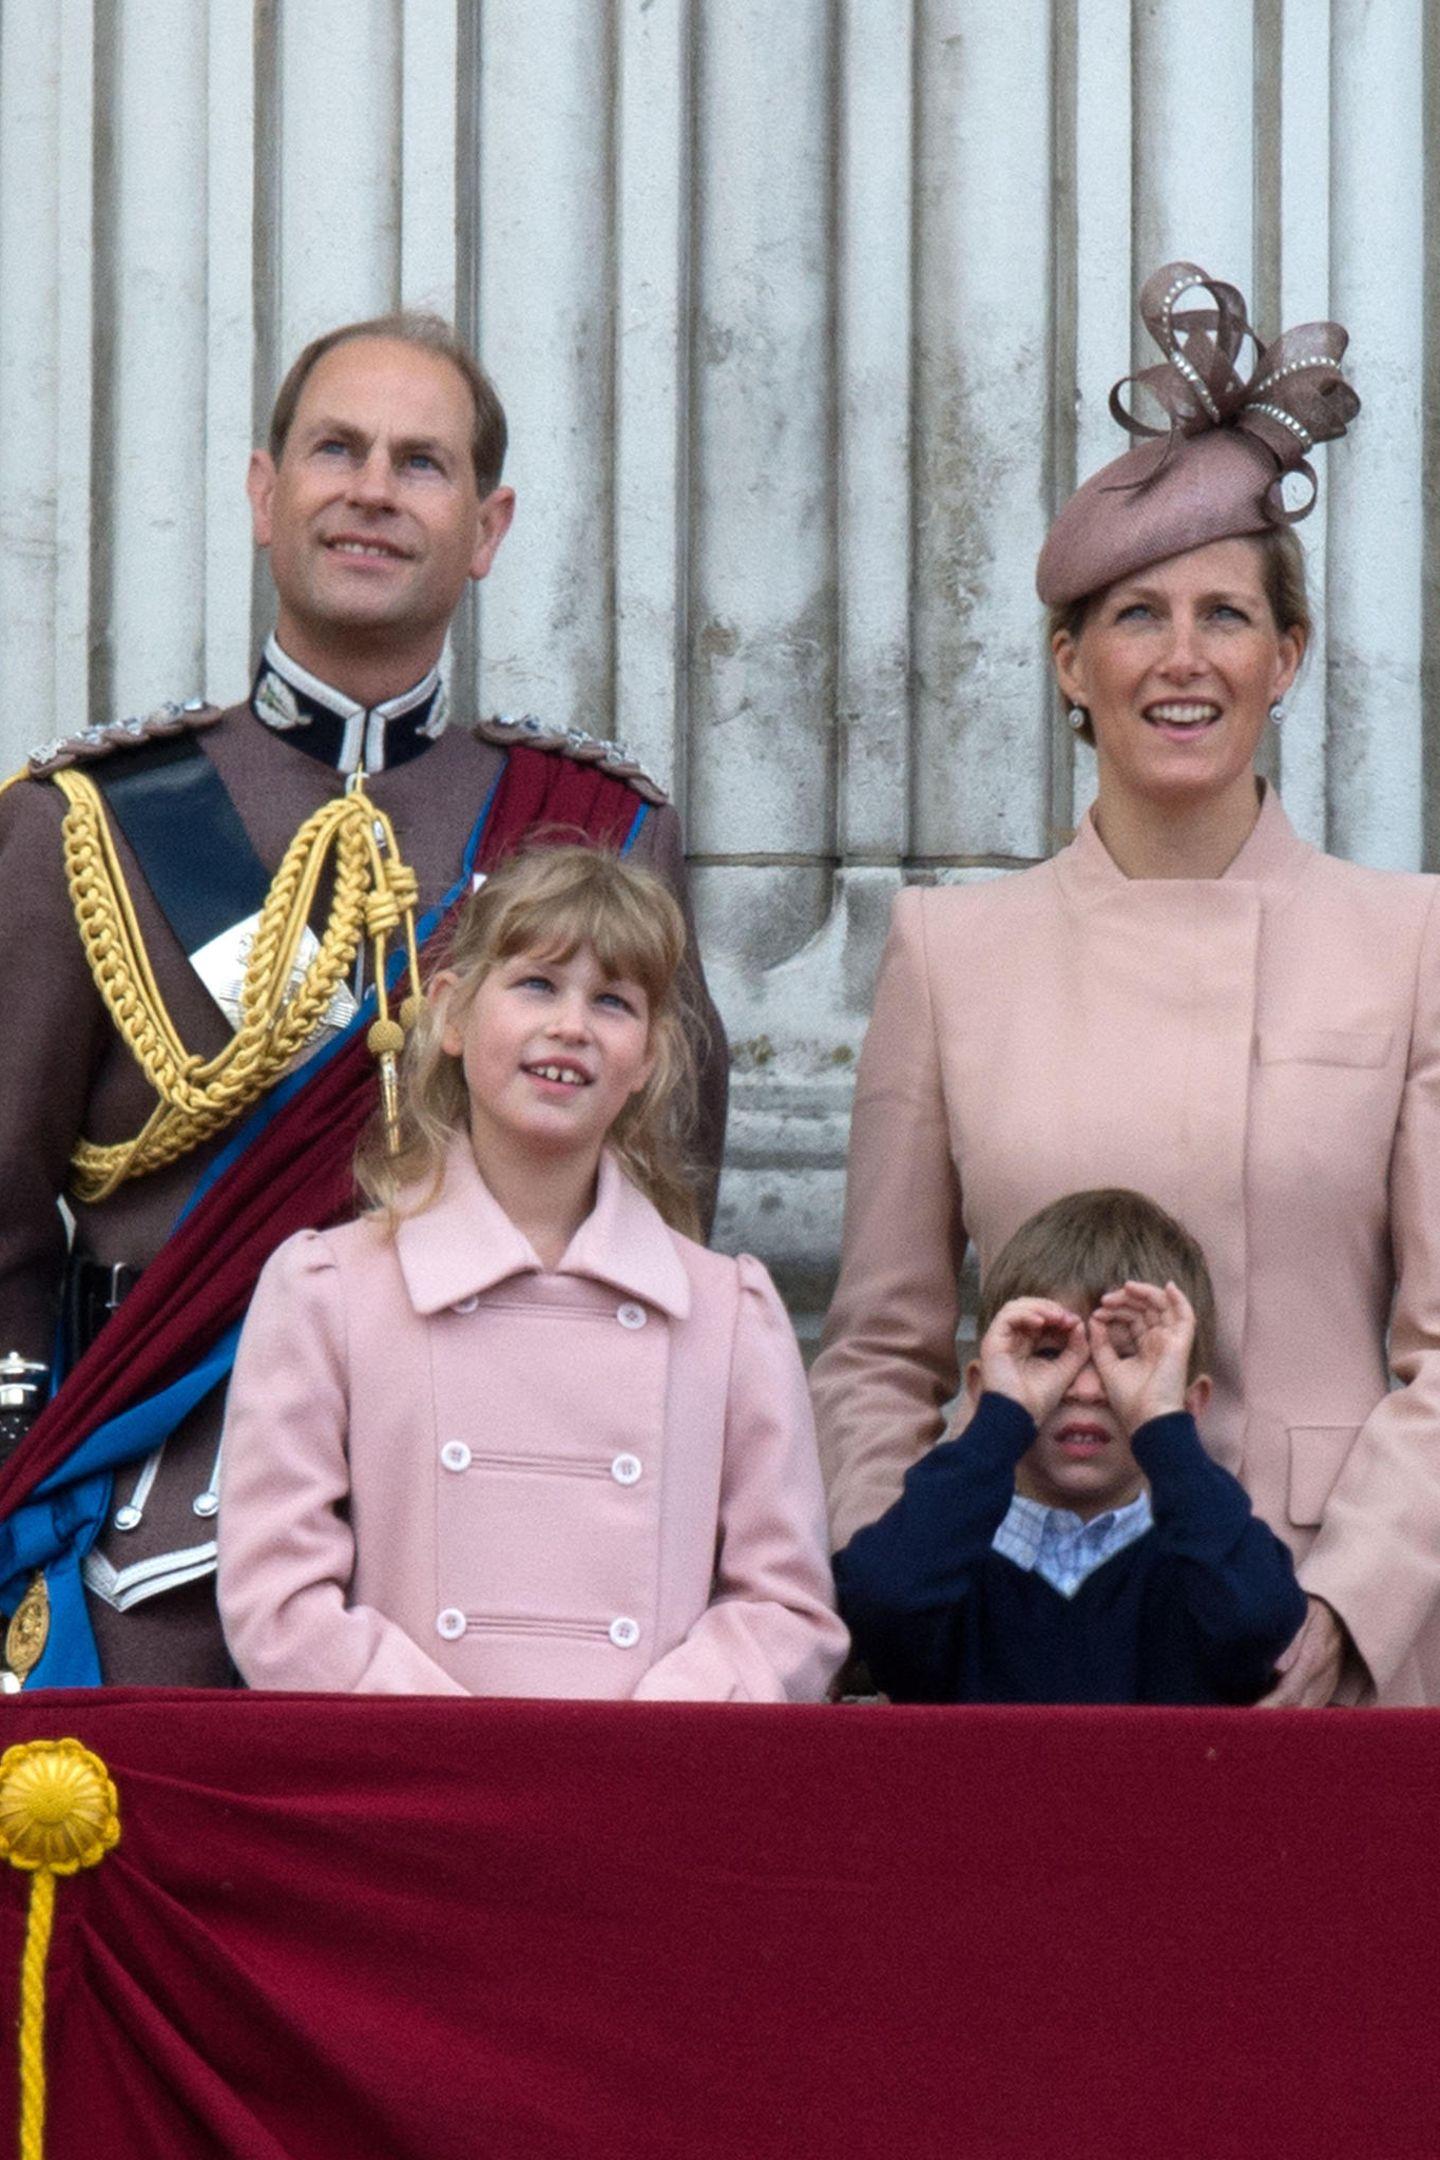 15. Juni 2013  Was James, der Sohn von Prinz Edward und Herzogin Sophie von Wessex, wohl sucht? Beim Bestaunen der Parade formt er mit seinen Händen ein Fernglas. Eine legitimeAblenkungsstrategie.